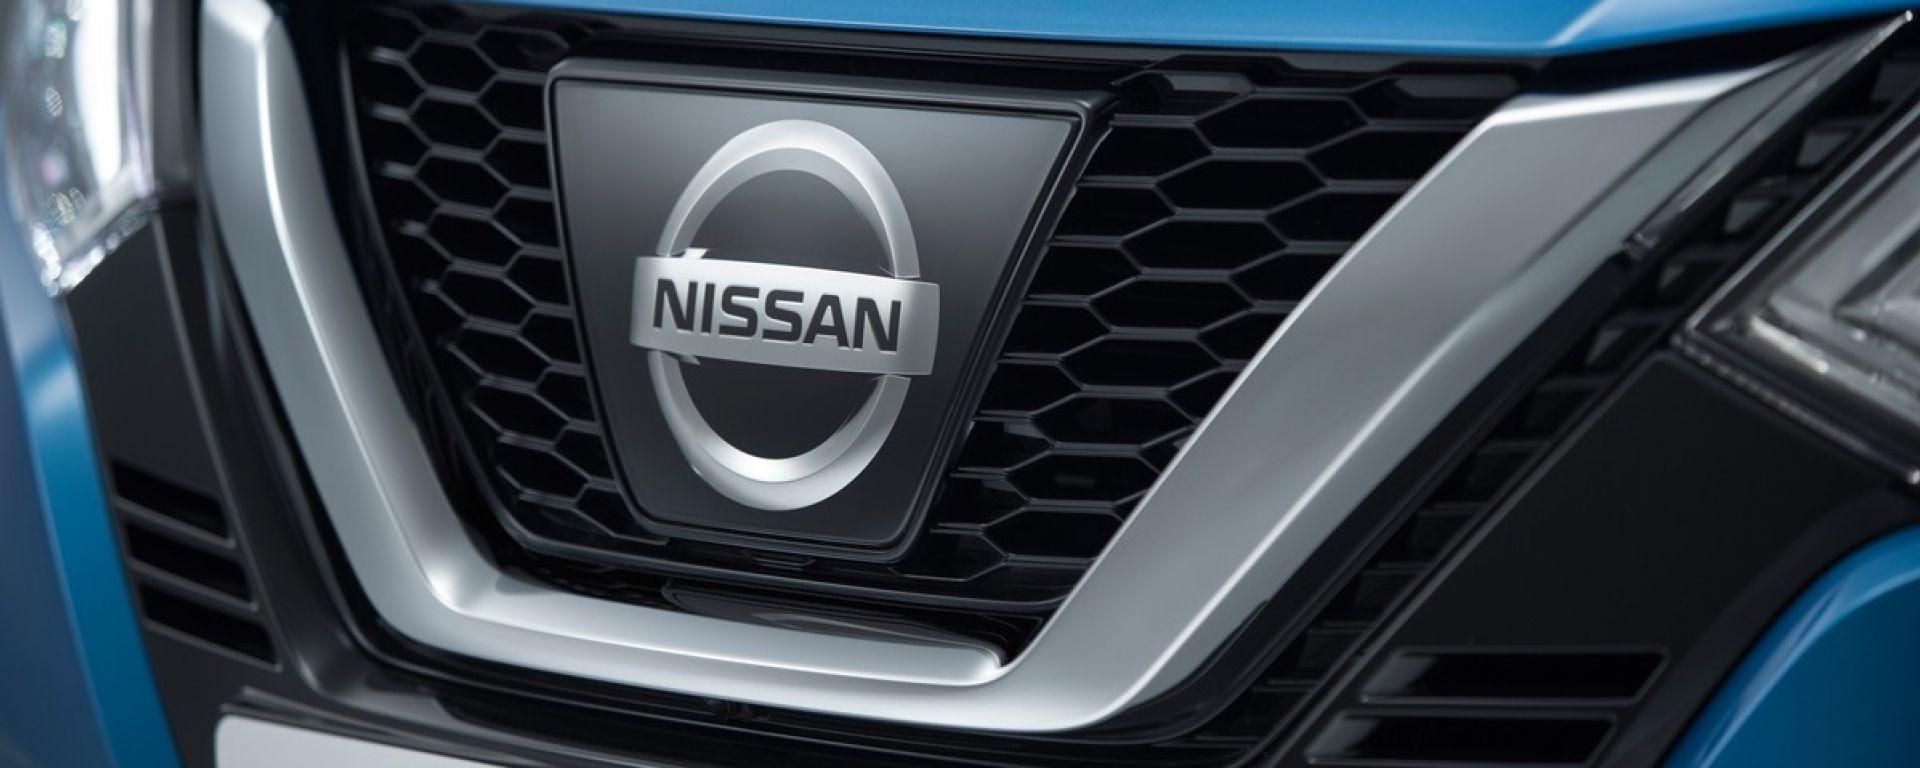 Nissan abbandonerà il diesel in Europa